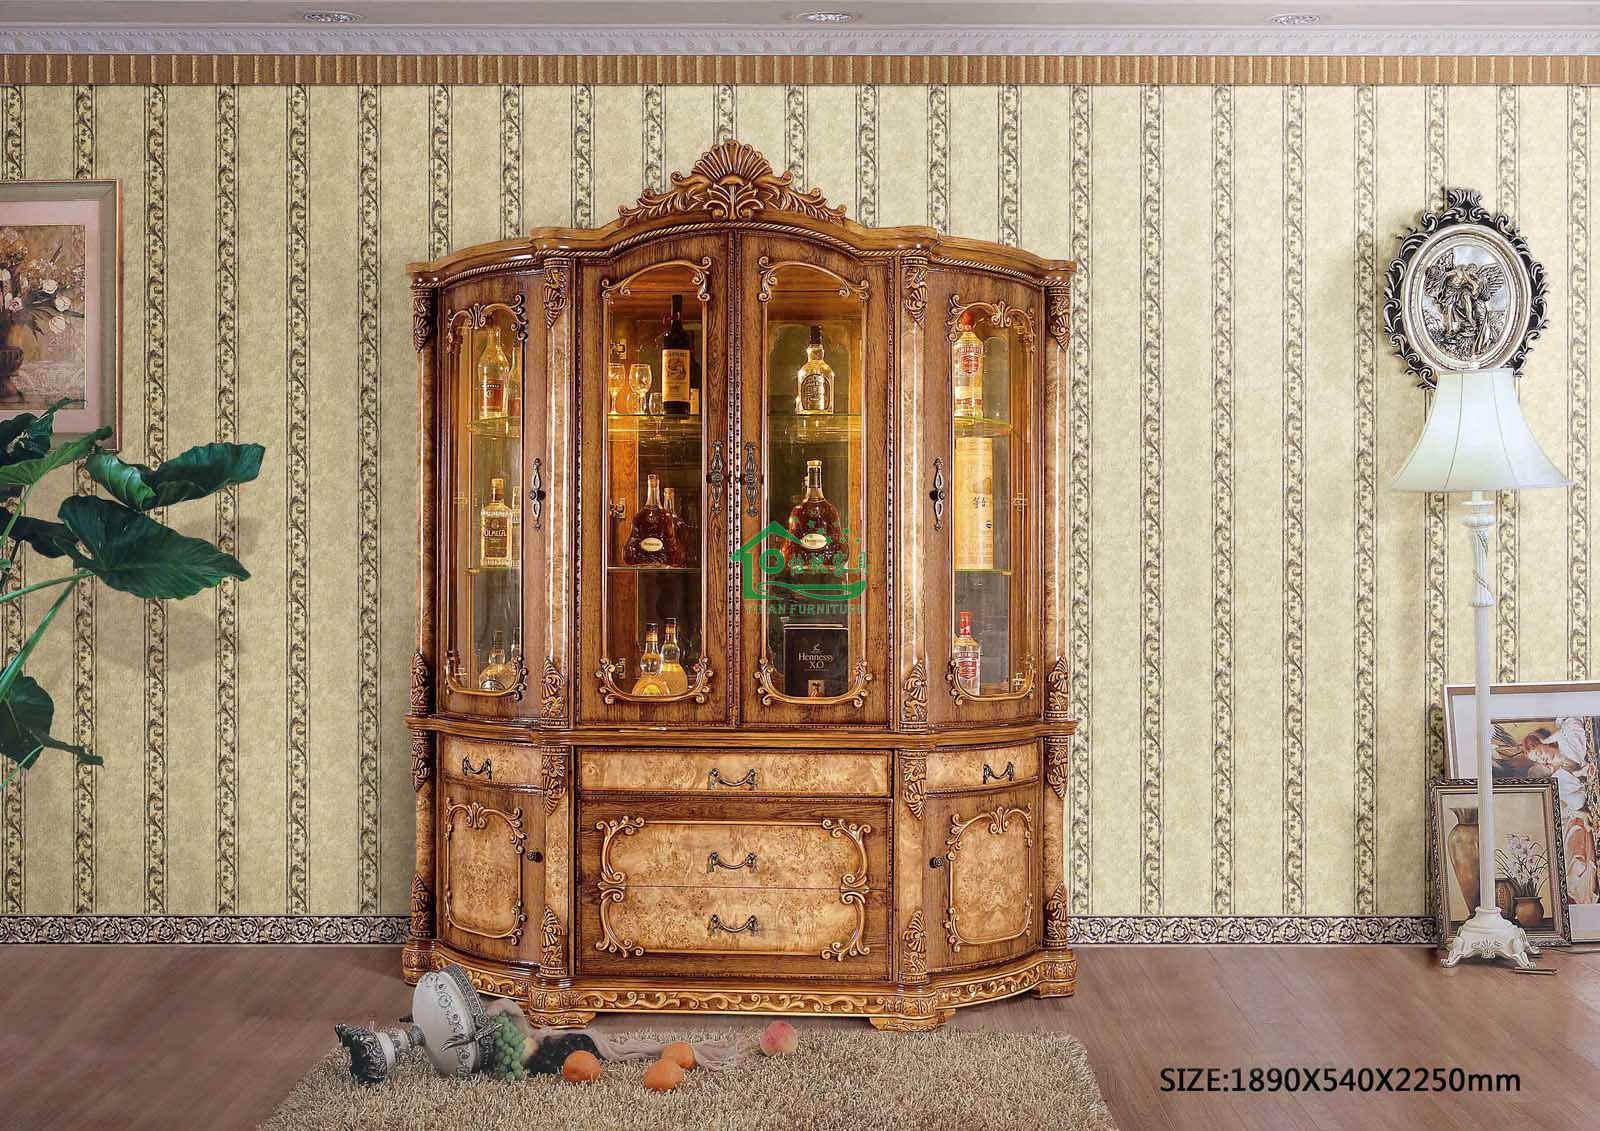 جدیدترین مدلهای بوفه و آینه و کنسول